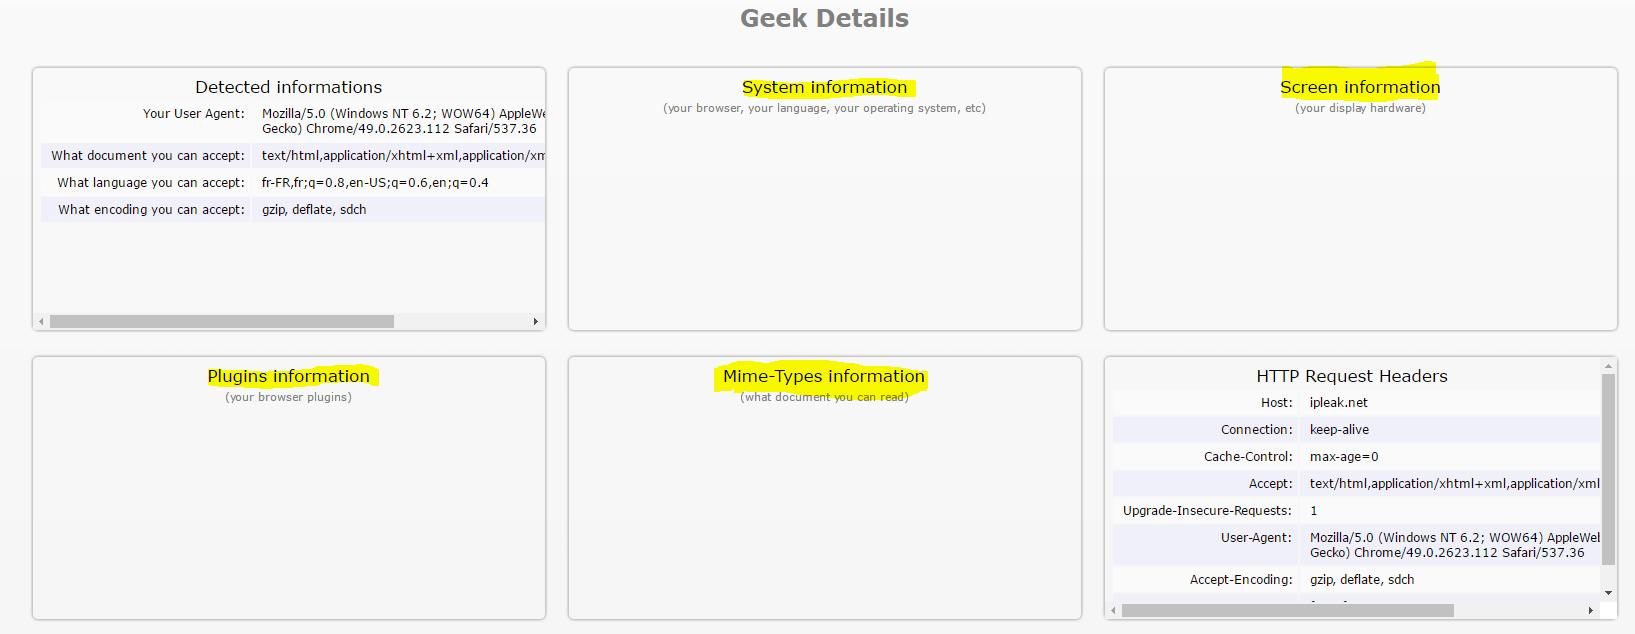 Image 50 Geek Details test IPLEAK